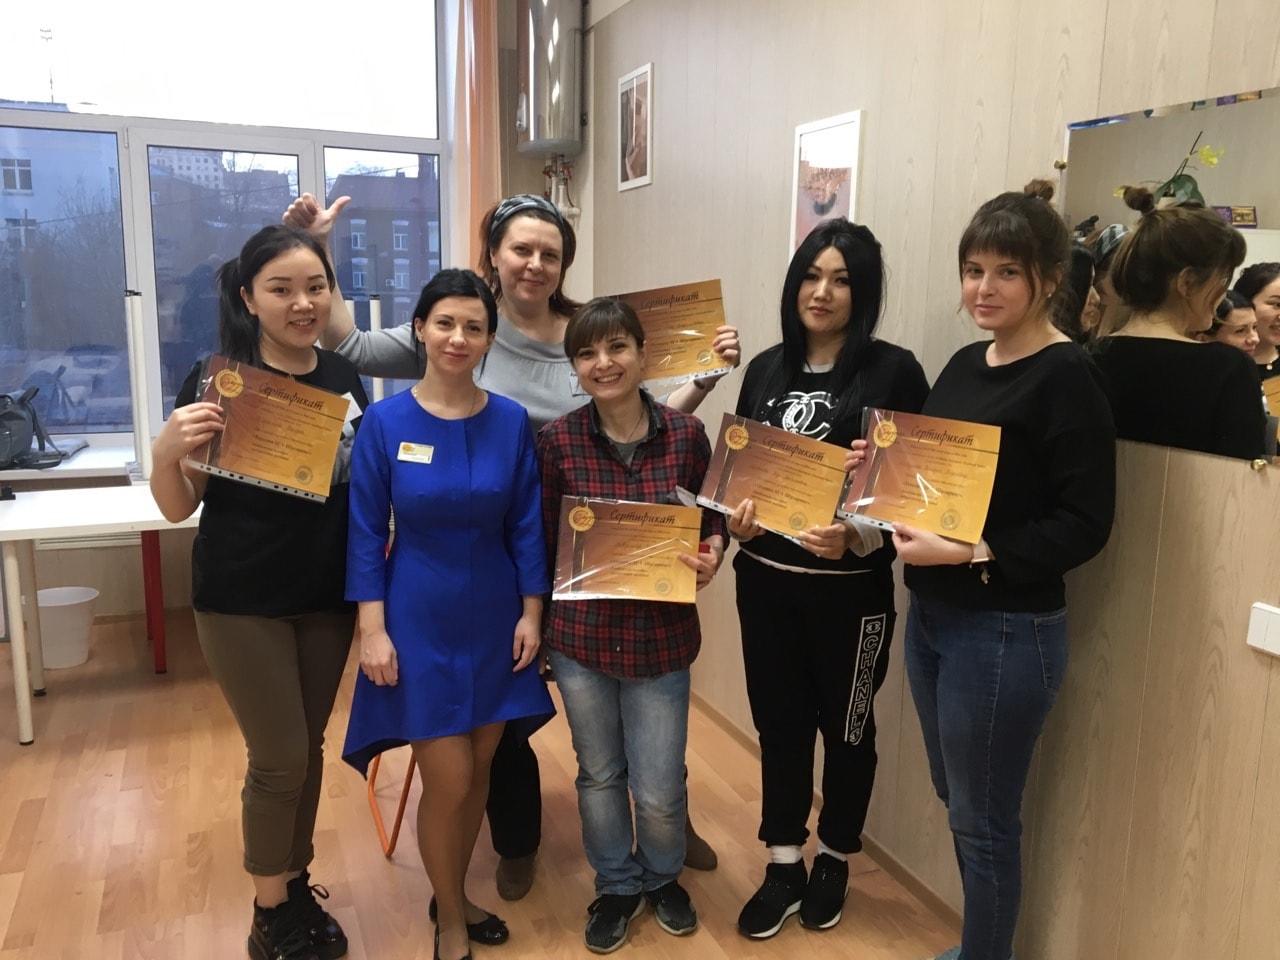 Педагог и выпускницы с сертификатами